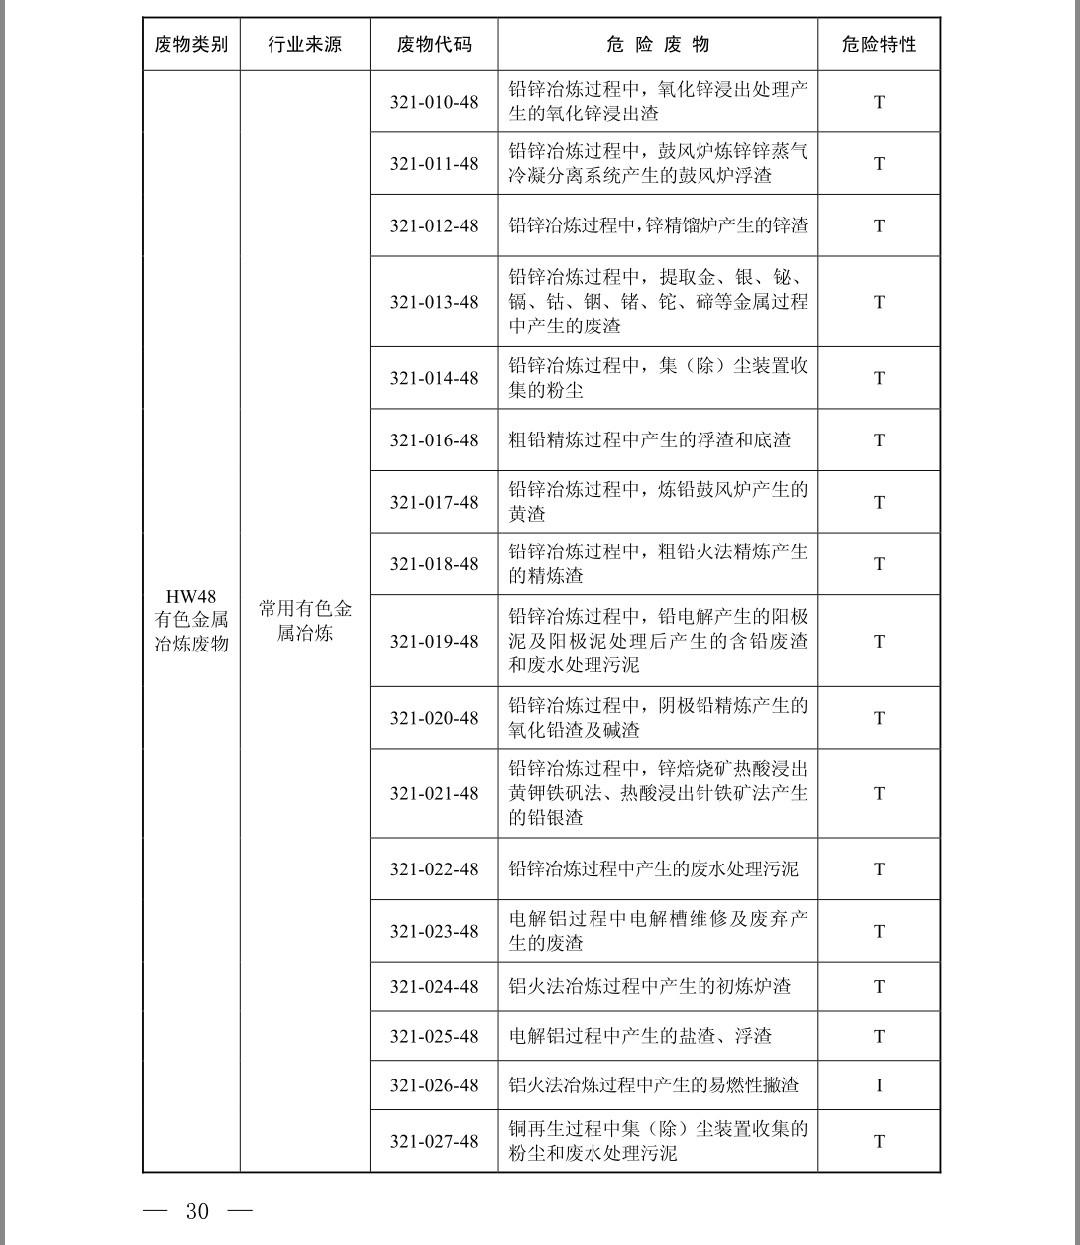 ..山西省太原市亚虎游戏平台处理-固废亚虎下载app-解决方案...